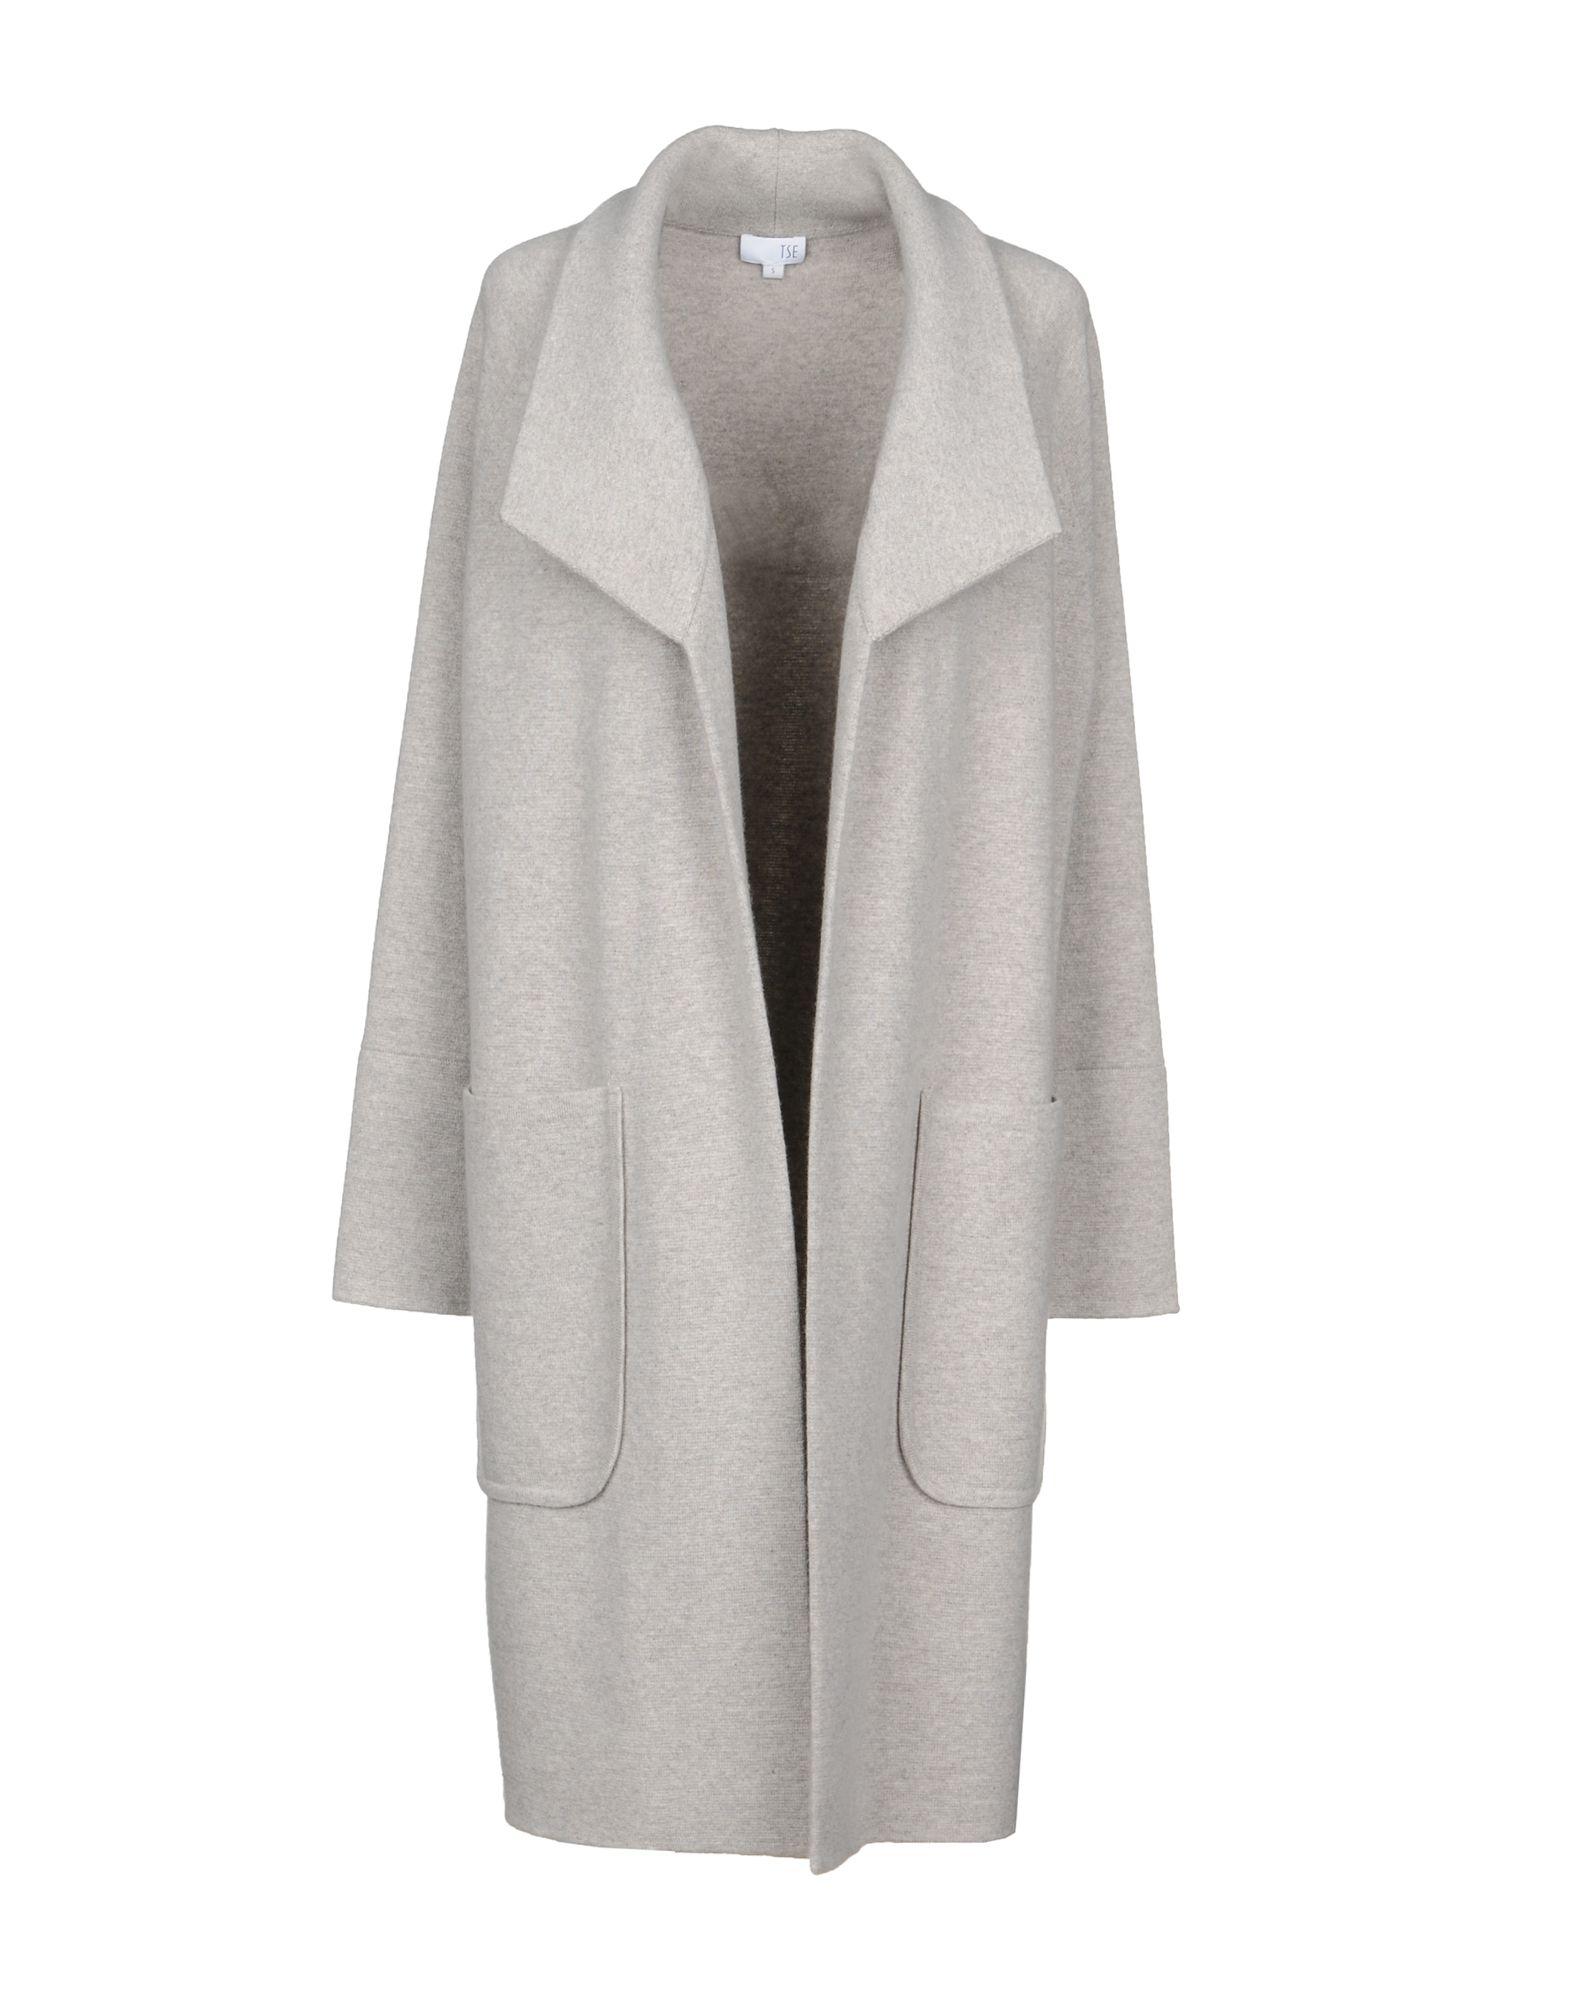 TSE Cardigan in Light Grey